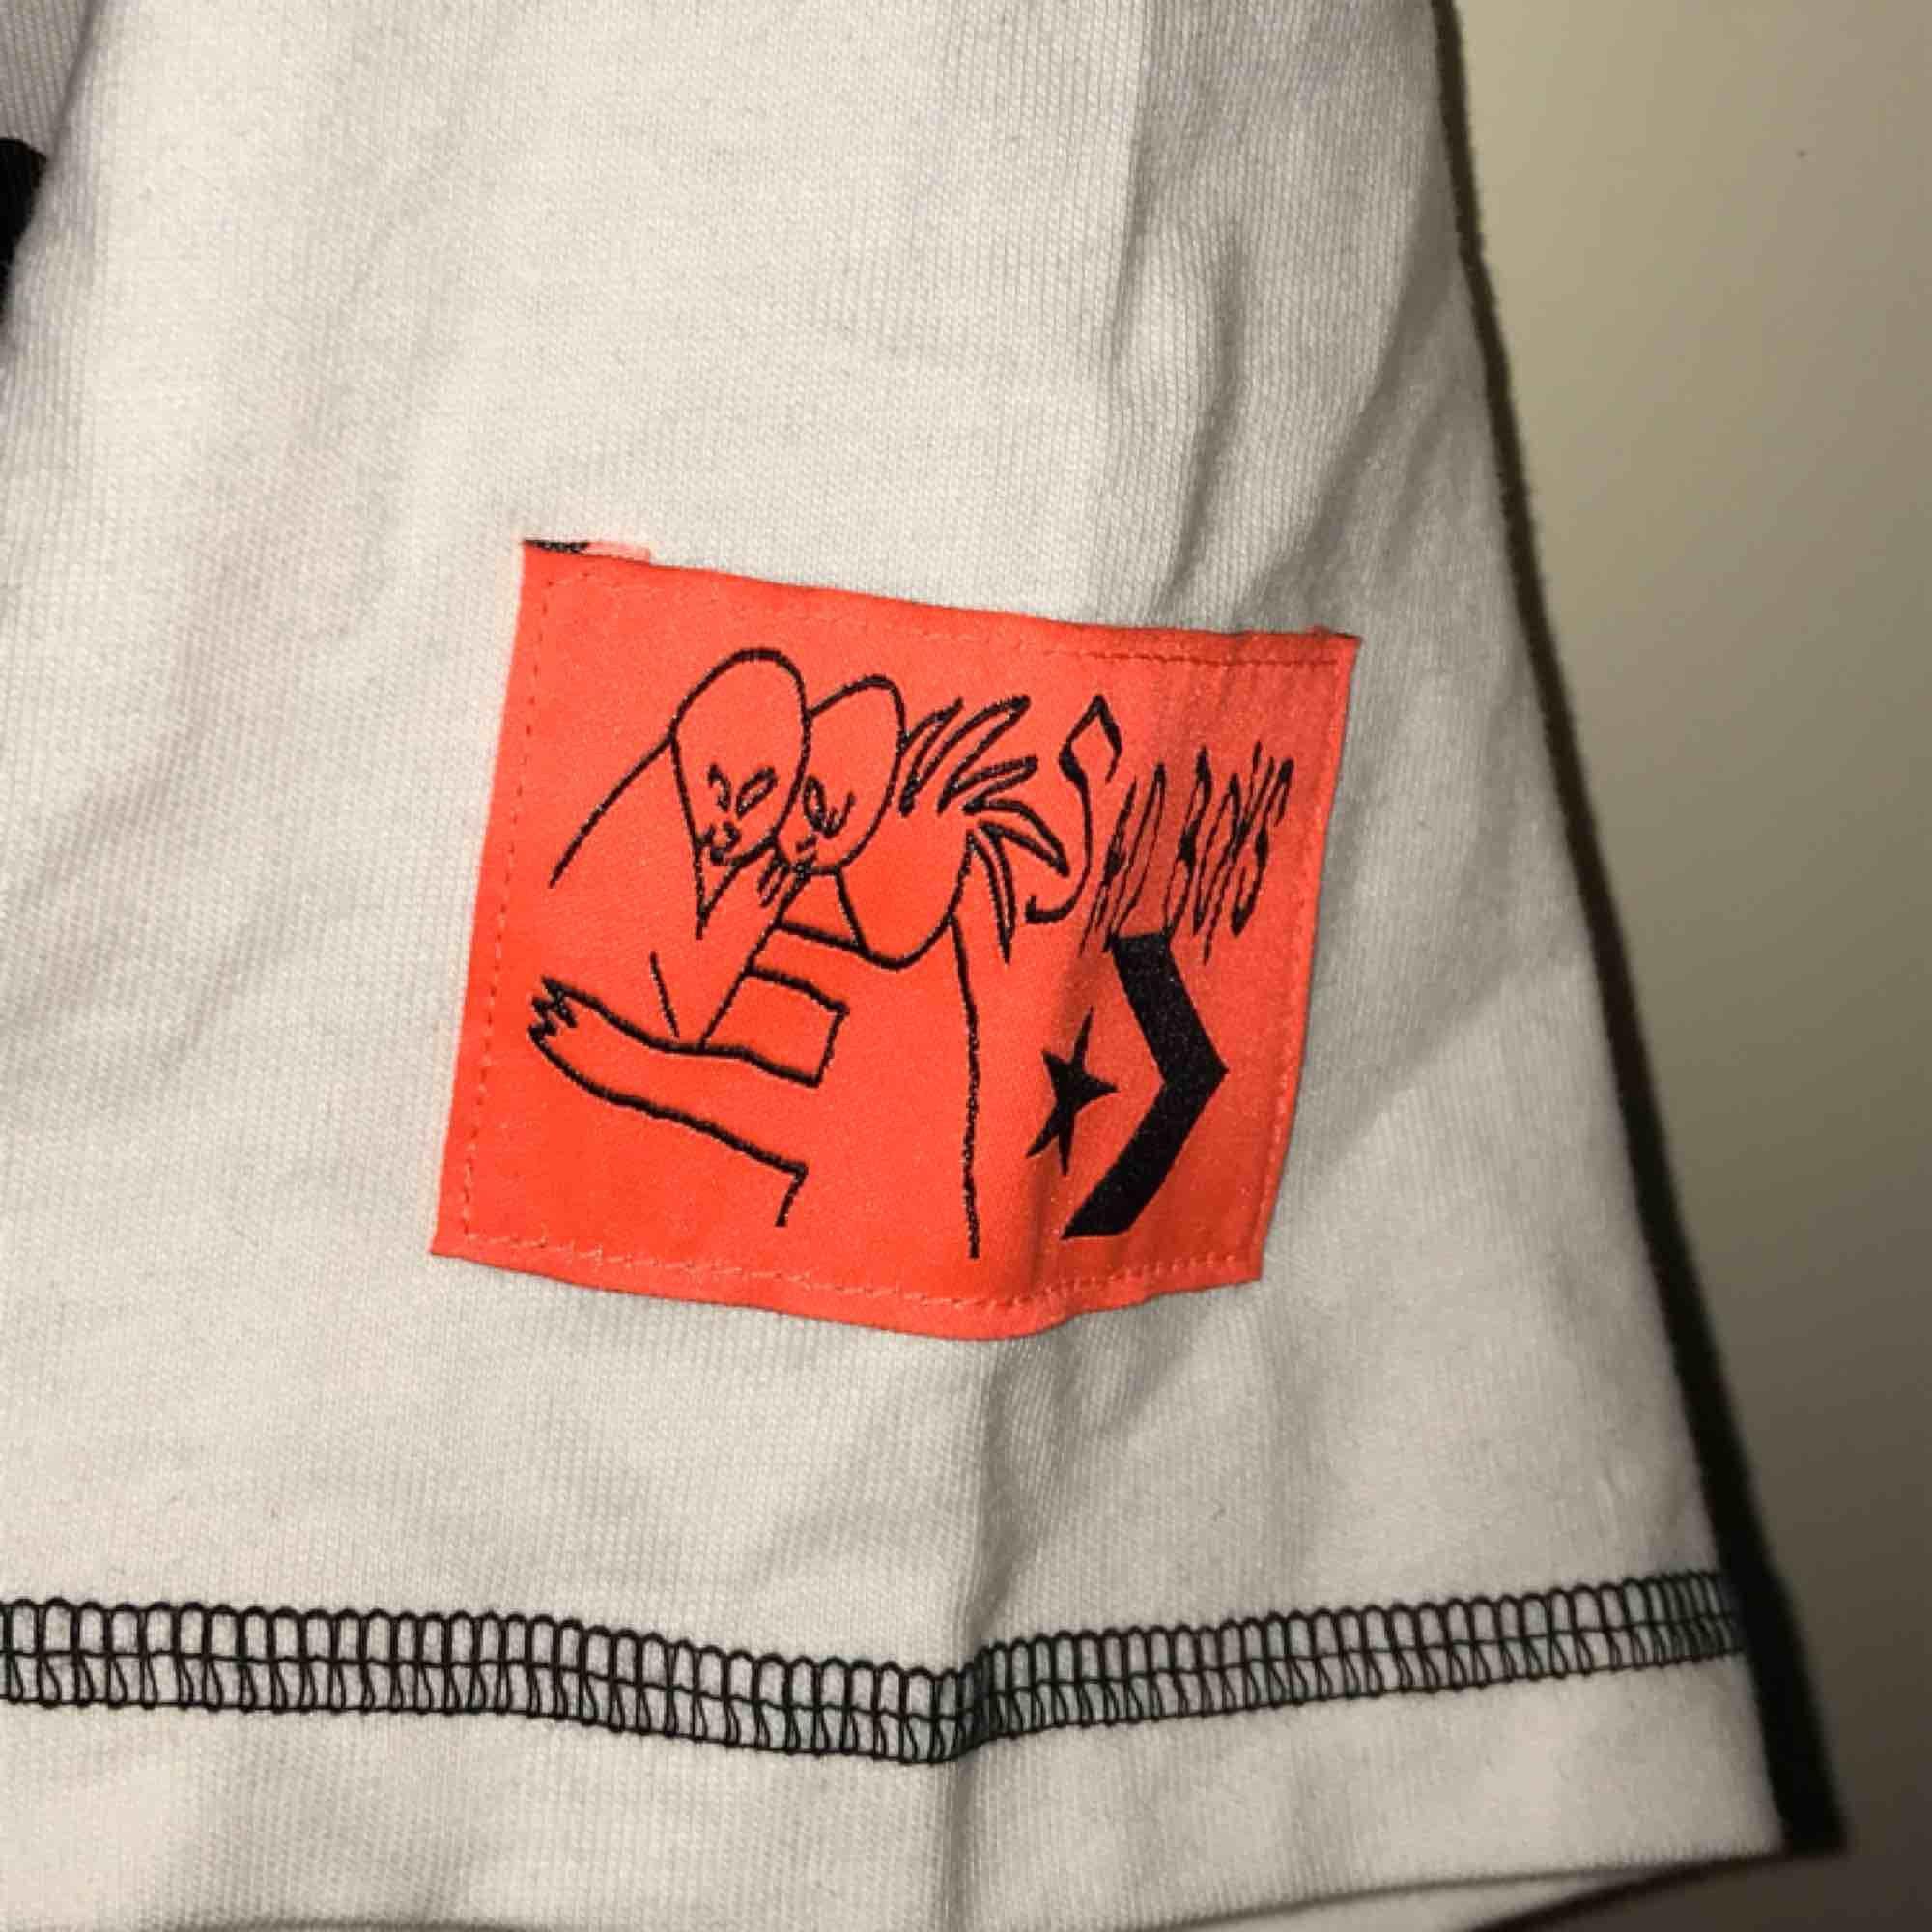 SAD BOYS X CONVERSE Mest intressekoll!! Storlek S men sitter som en stabil M Använd 1 gång (ser kanske sliten i och med att den är skrynklig men strykning kan lösas)  Ge bud 🥰 köpt på SNS för 305. T-shirts.